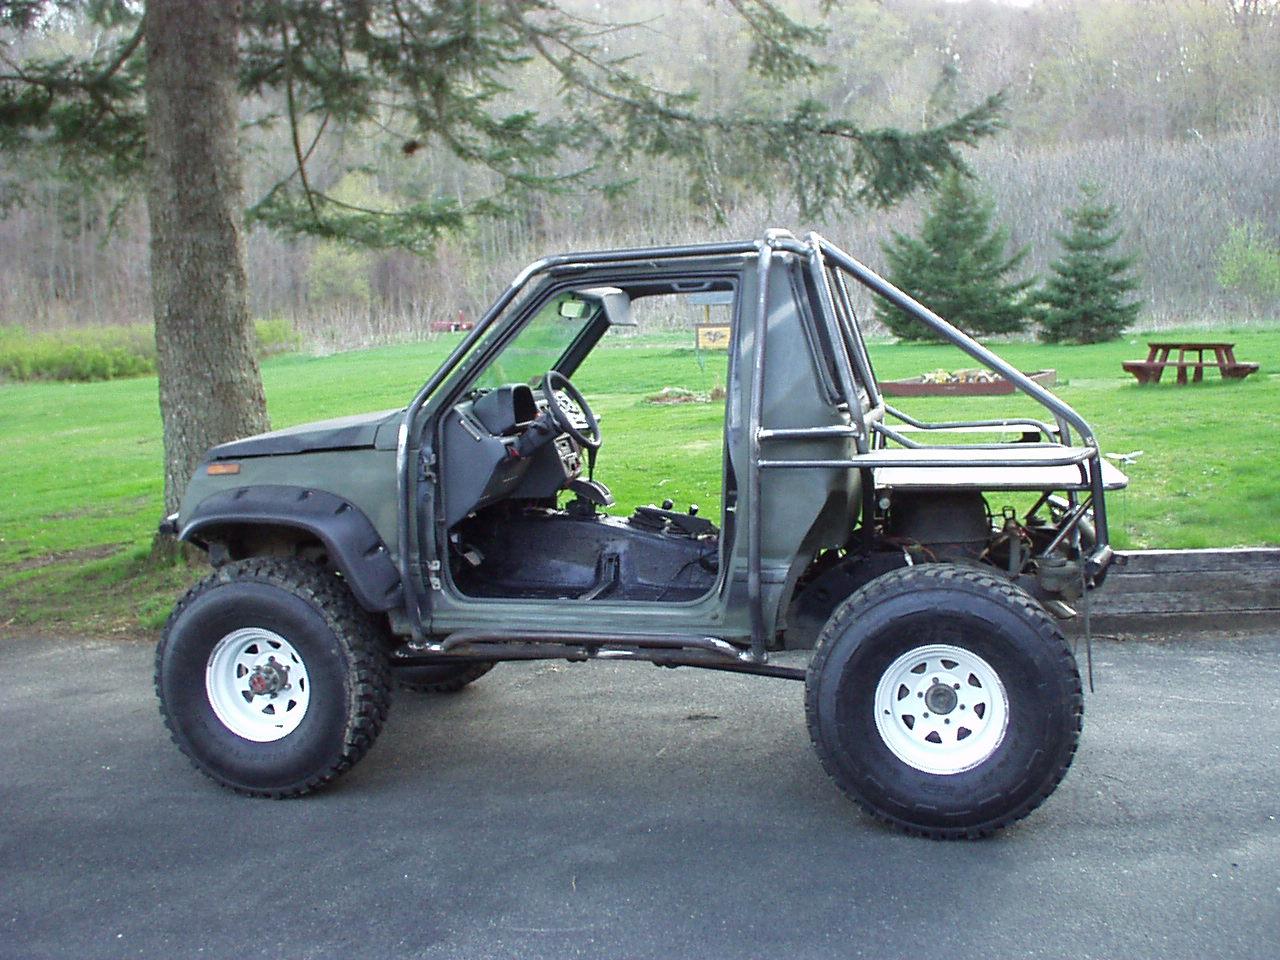 Suzuki Sidekick Roll Cage Kit